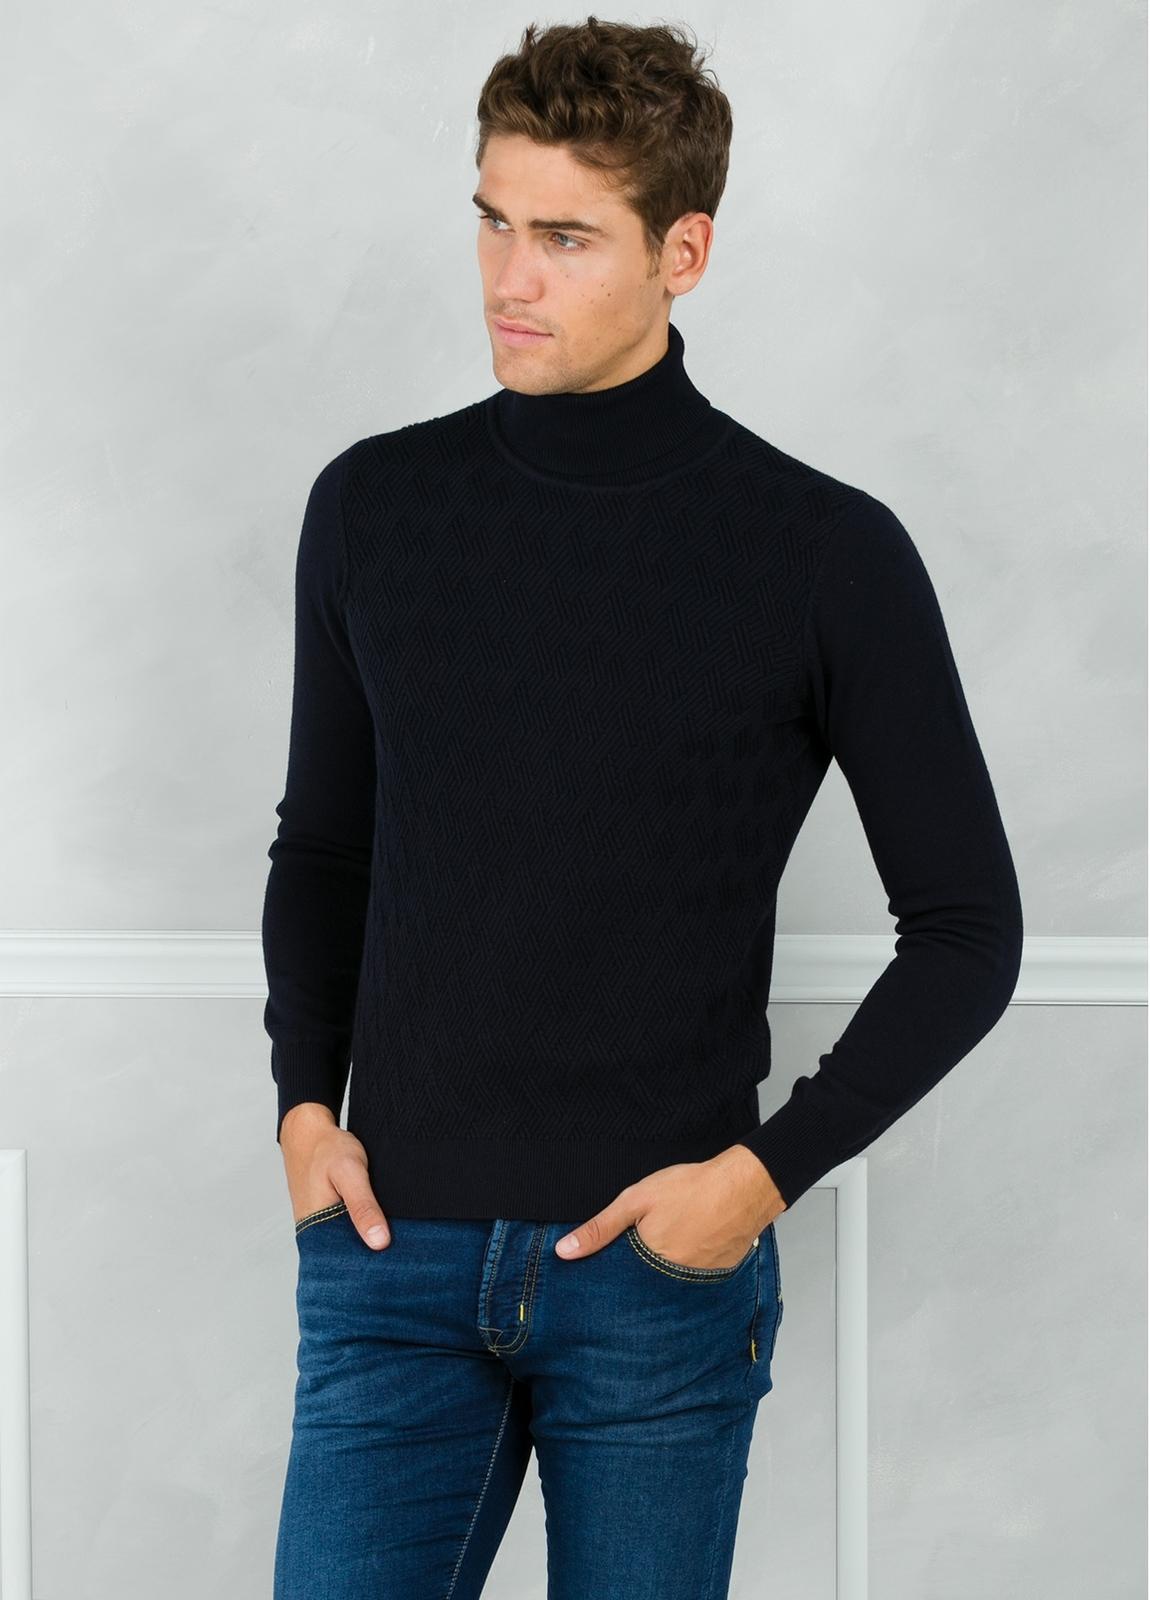 Jersey cuello cisne y dibujo frontal, color azul marino. 90% Algodón 10% Cashmere.